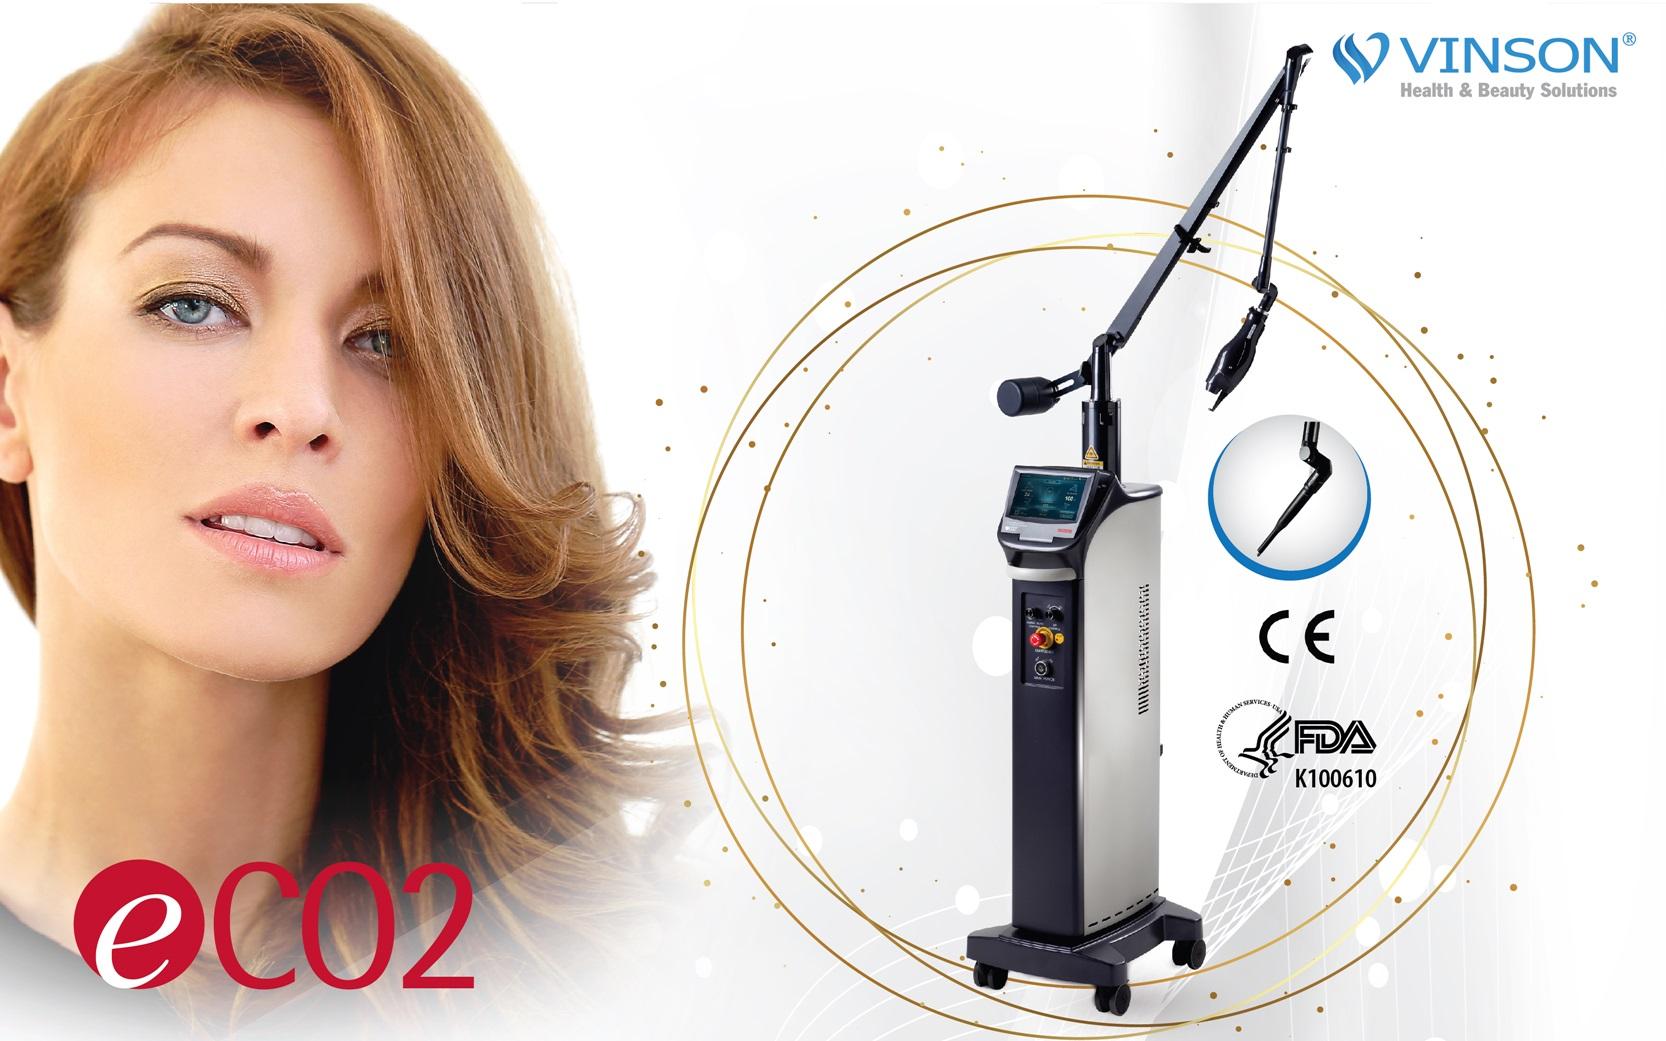 Trị sẹo bằng công nghệ laser eCO2.